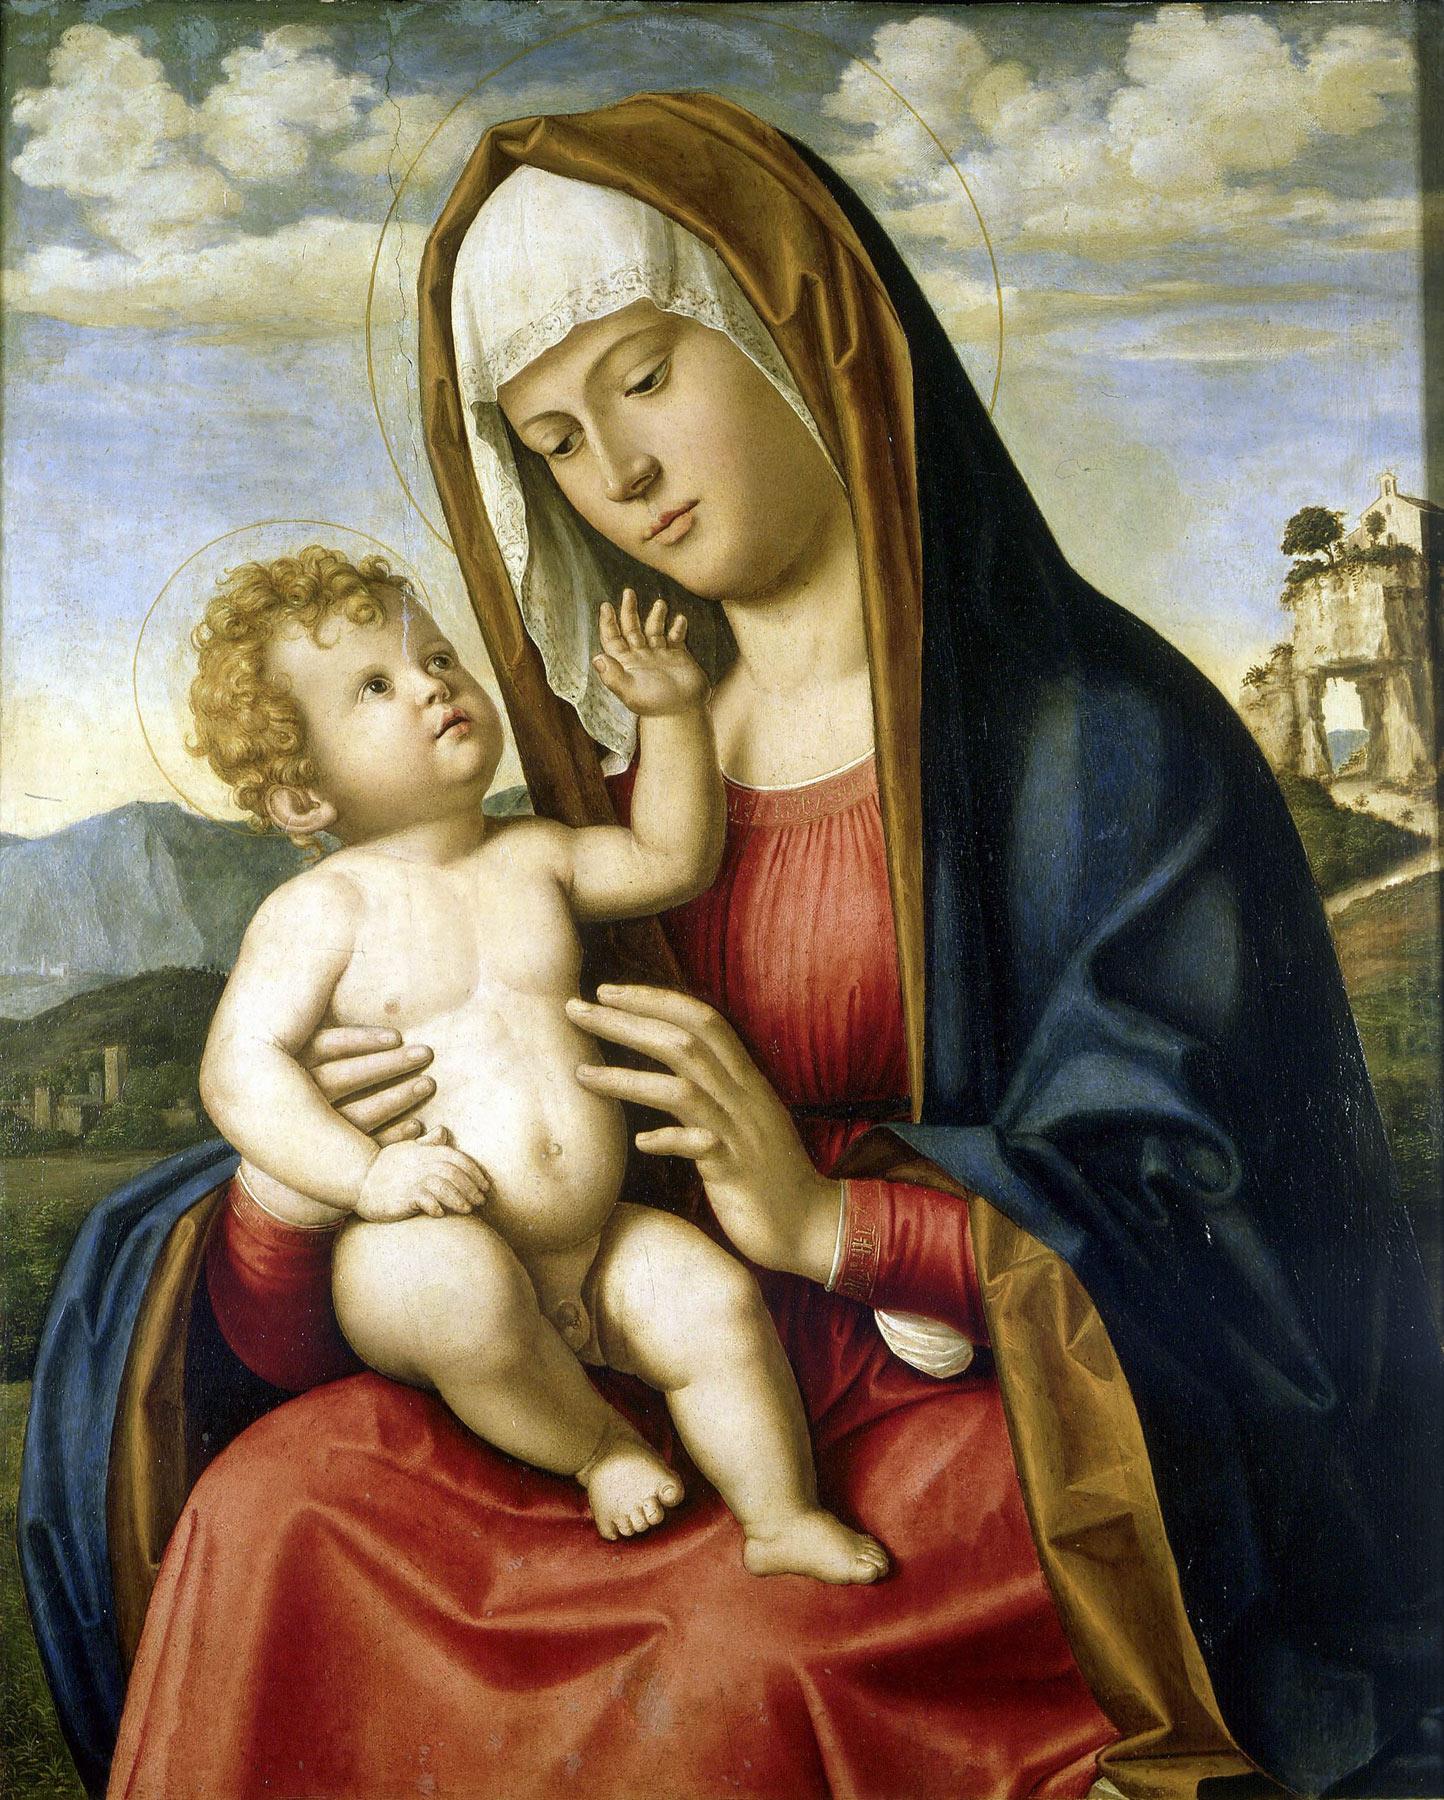 Cima da Conegliano, Madonna col bambino (1495-97; olio su tavola, 71 x 55 cm; Parigi, Petit Palais)